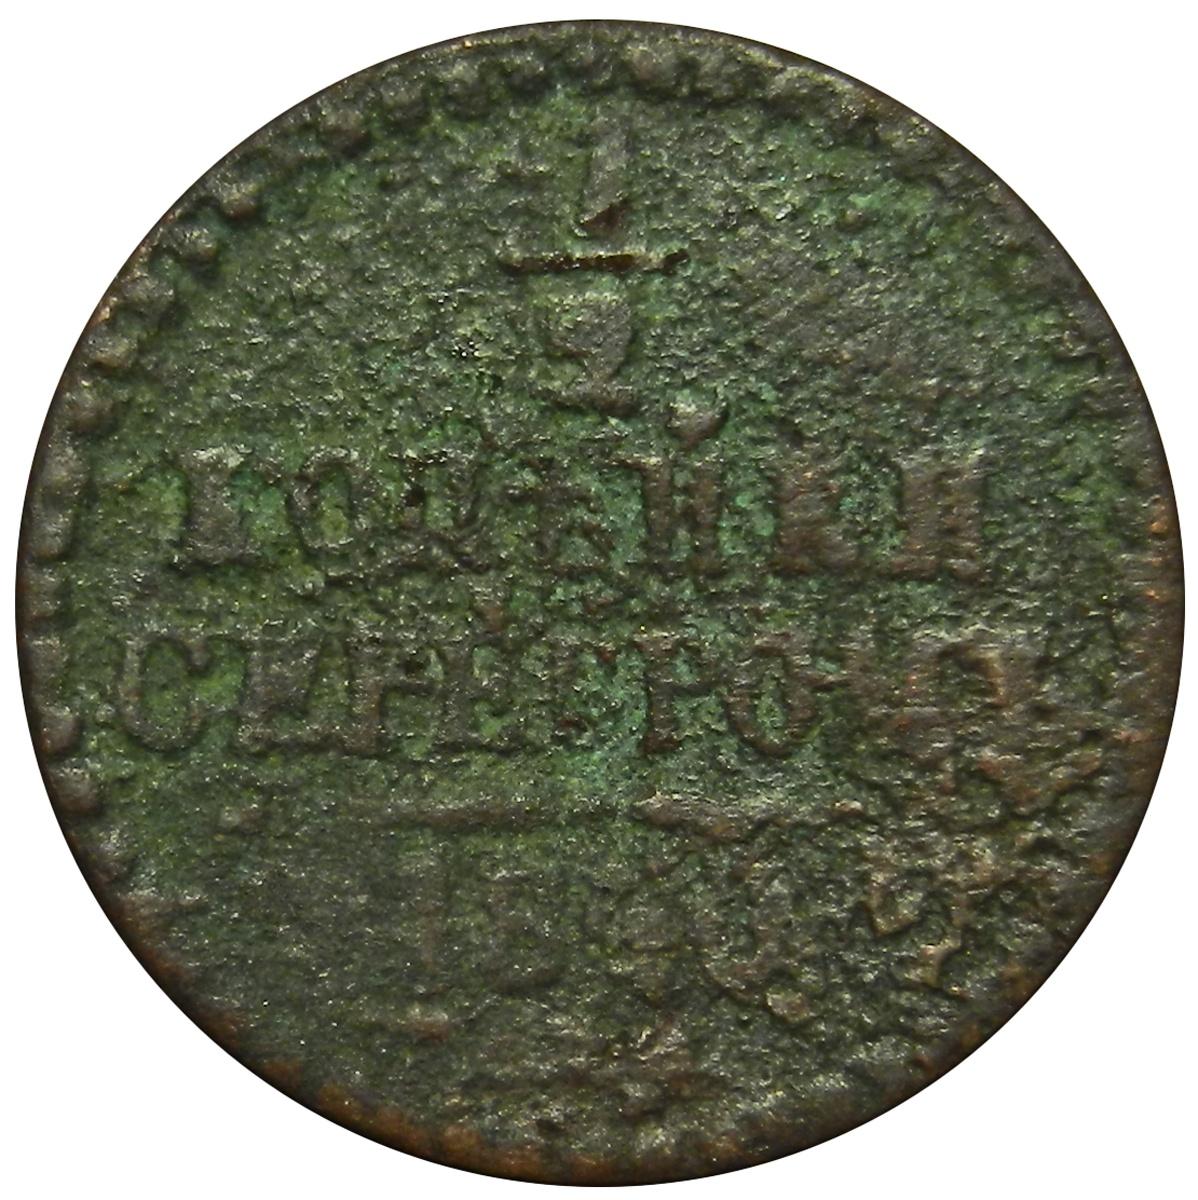 Монета 1/2 копейки серебром. Медь. Российская Империя, 1840 год (ЕМ) VF